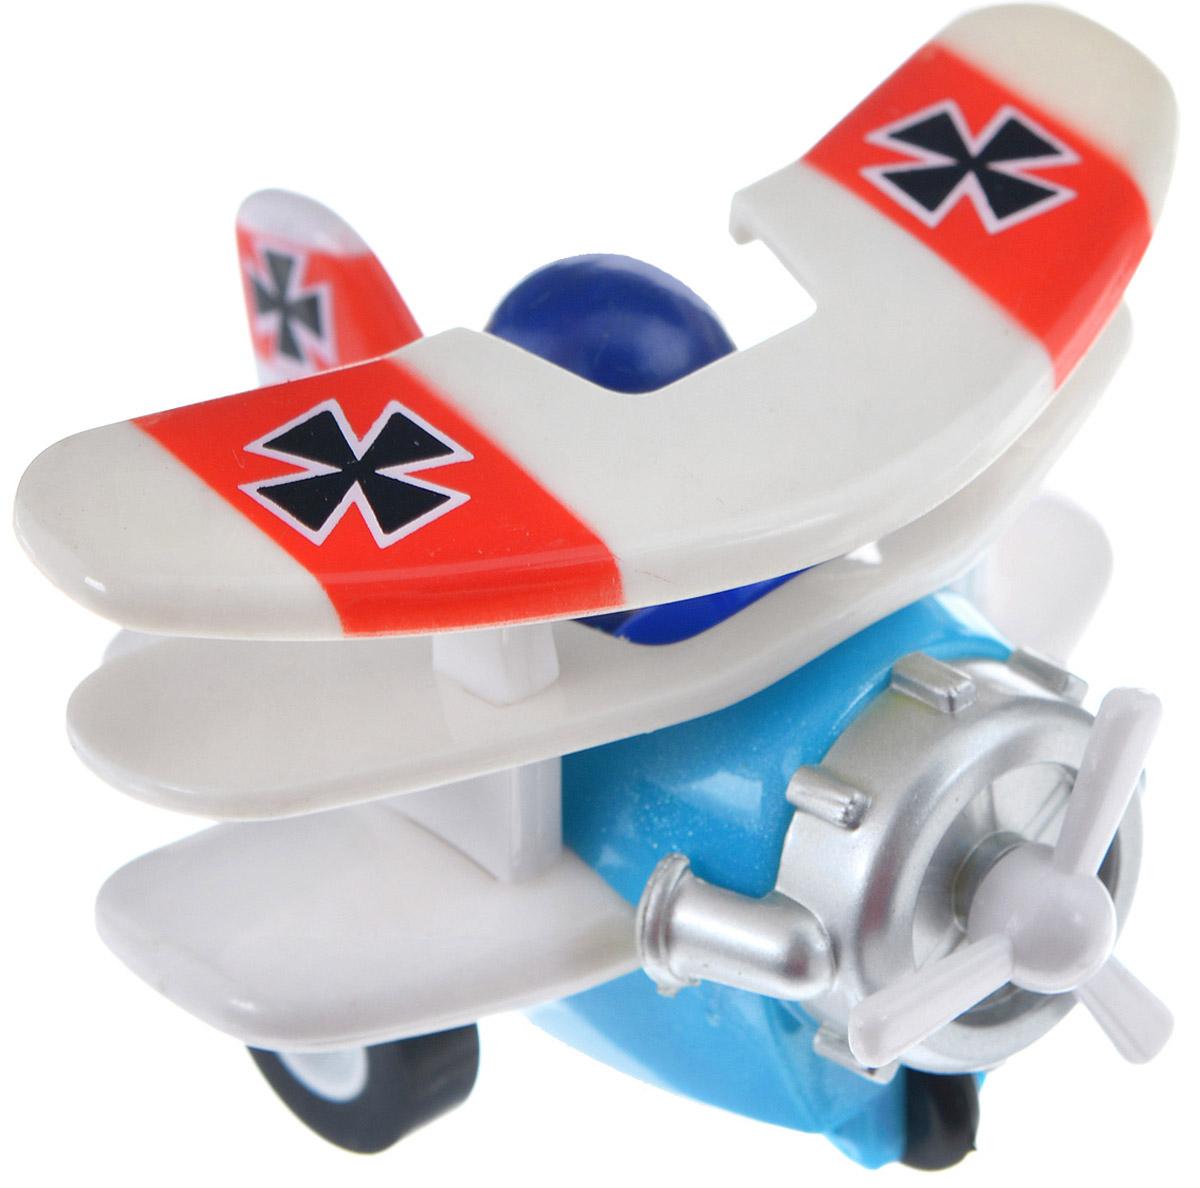 Hans Самолет инерционный цвет белый голубой инерционный самолет джером супер крылья